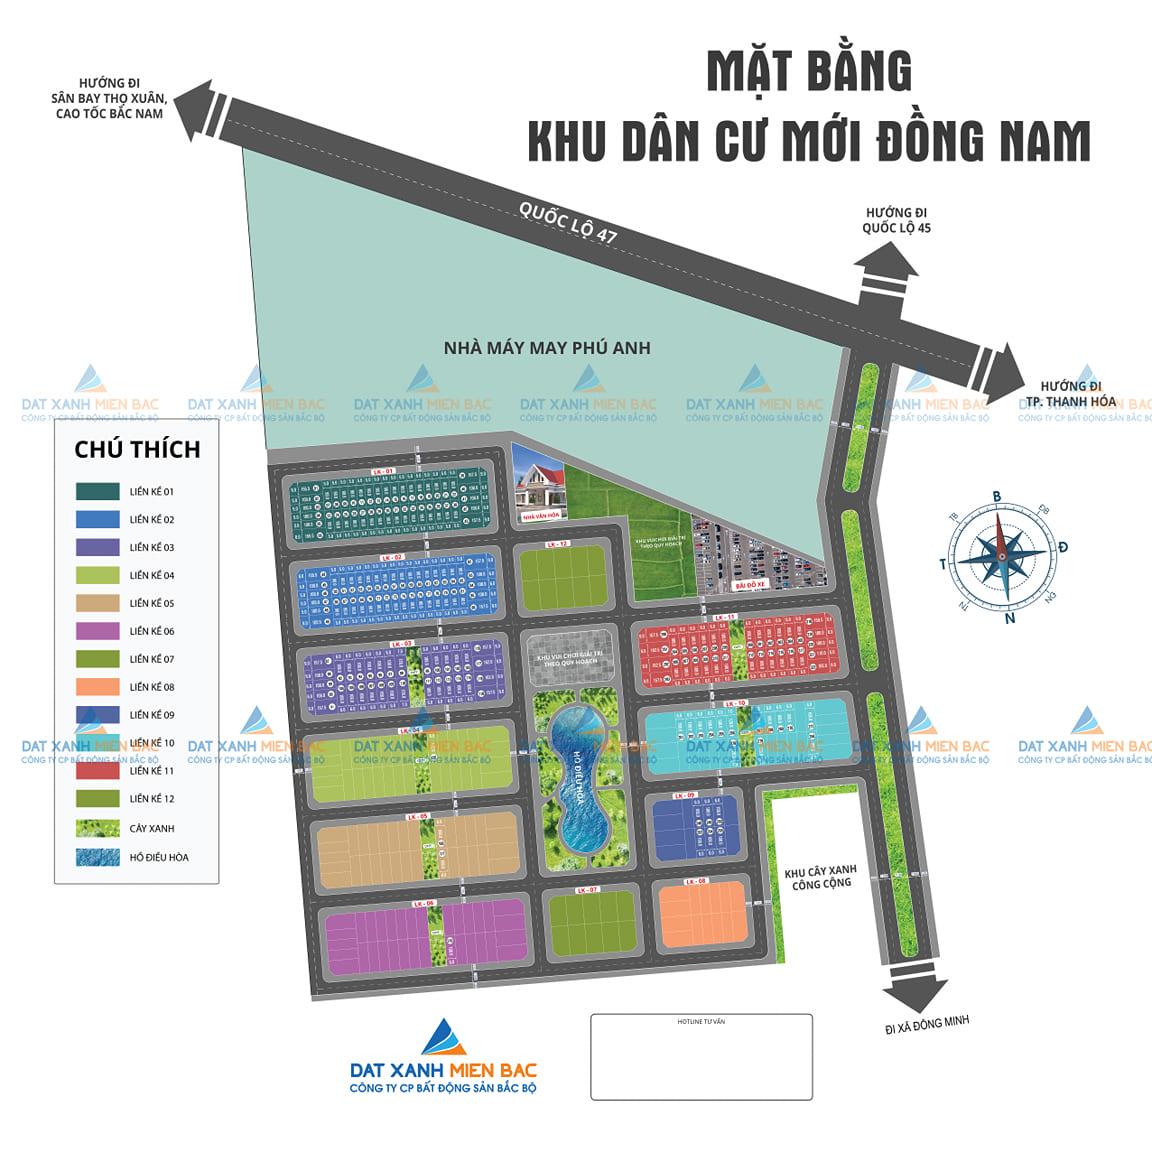 Cần bán lô đất MB 650 Đông Khê Đông Sơn